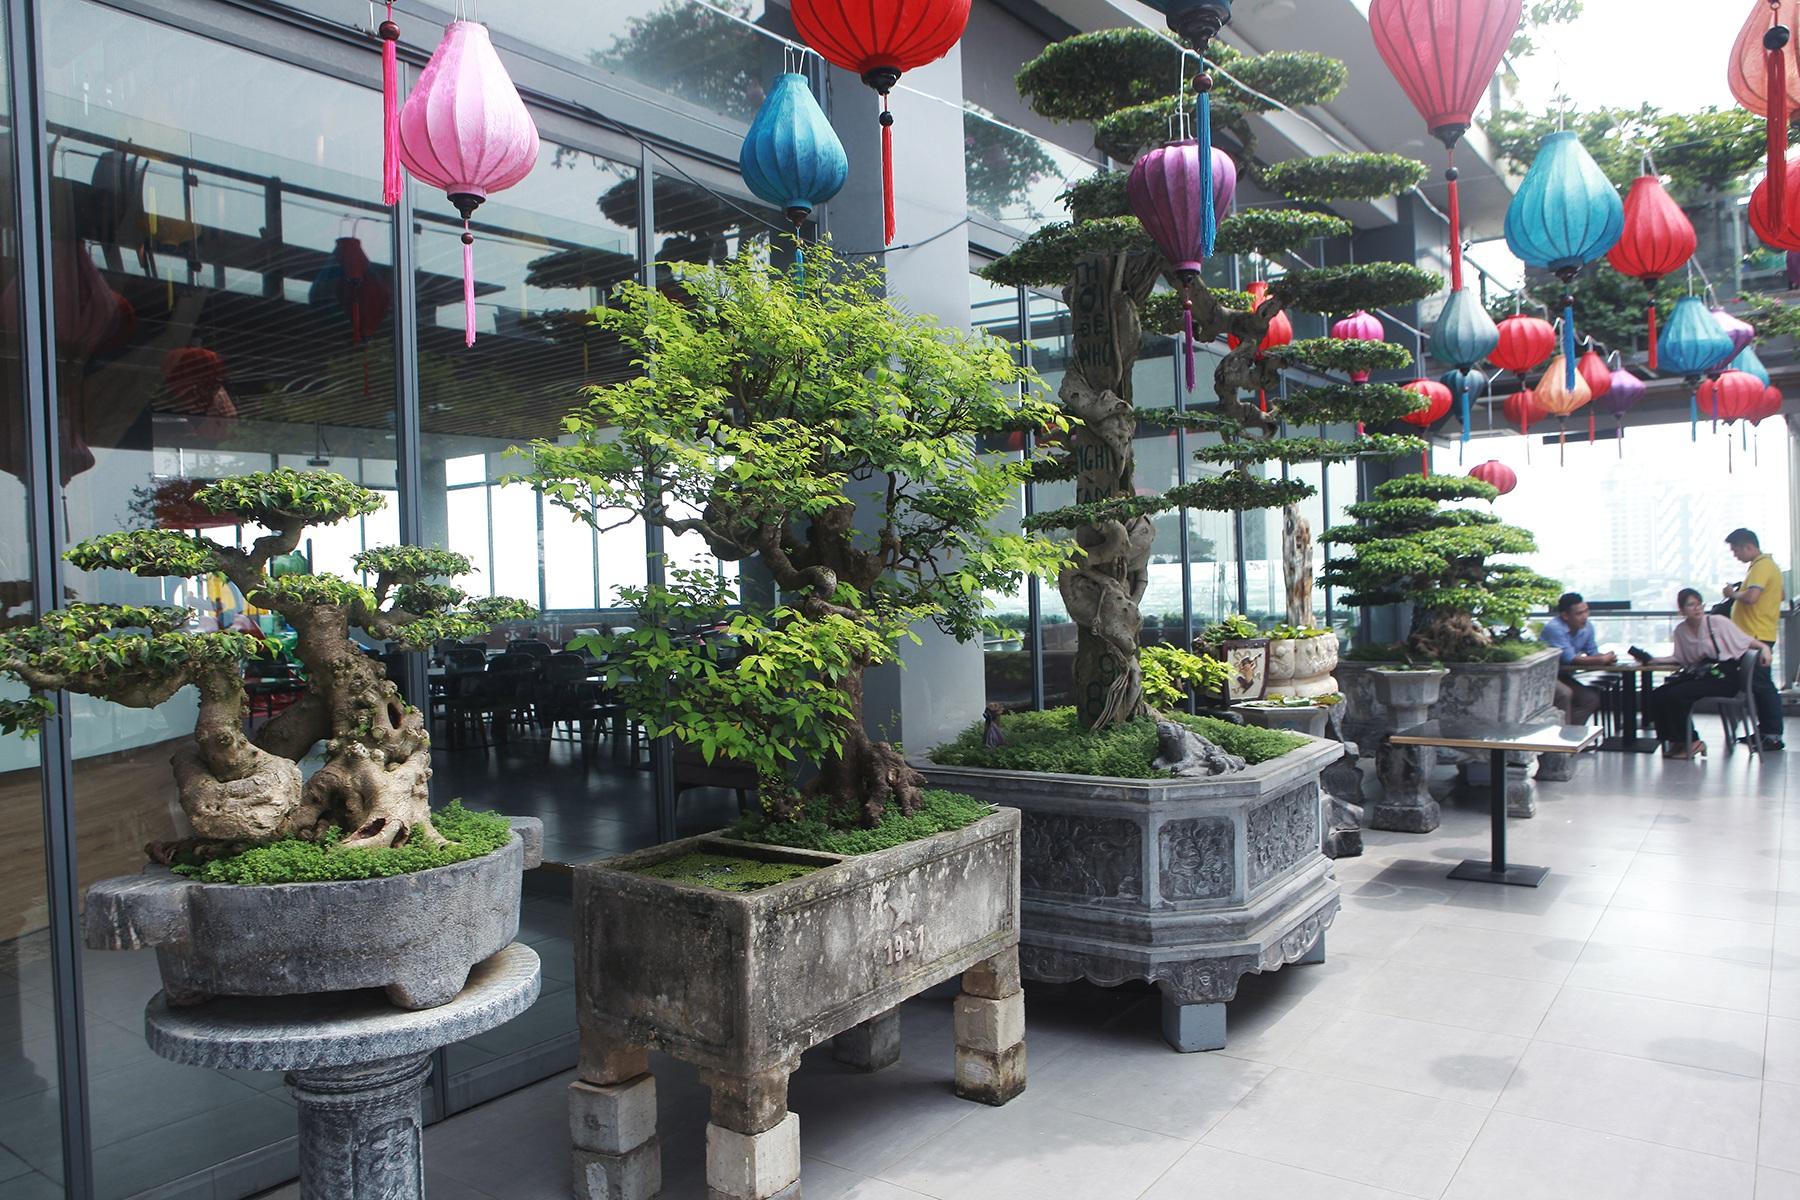 """Mãn nhãn với vườn cây bonsai dáng quái giữa """"lưng chừng trời"""" ở Hà Nội - 10"""